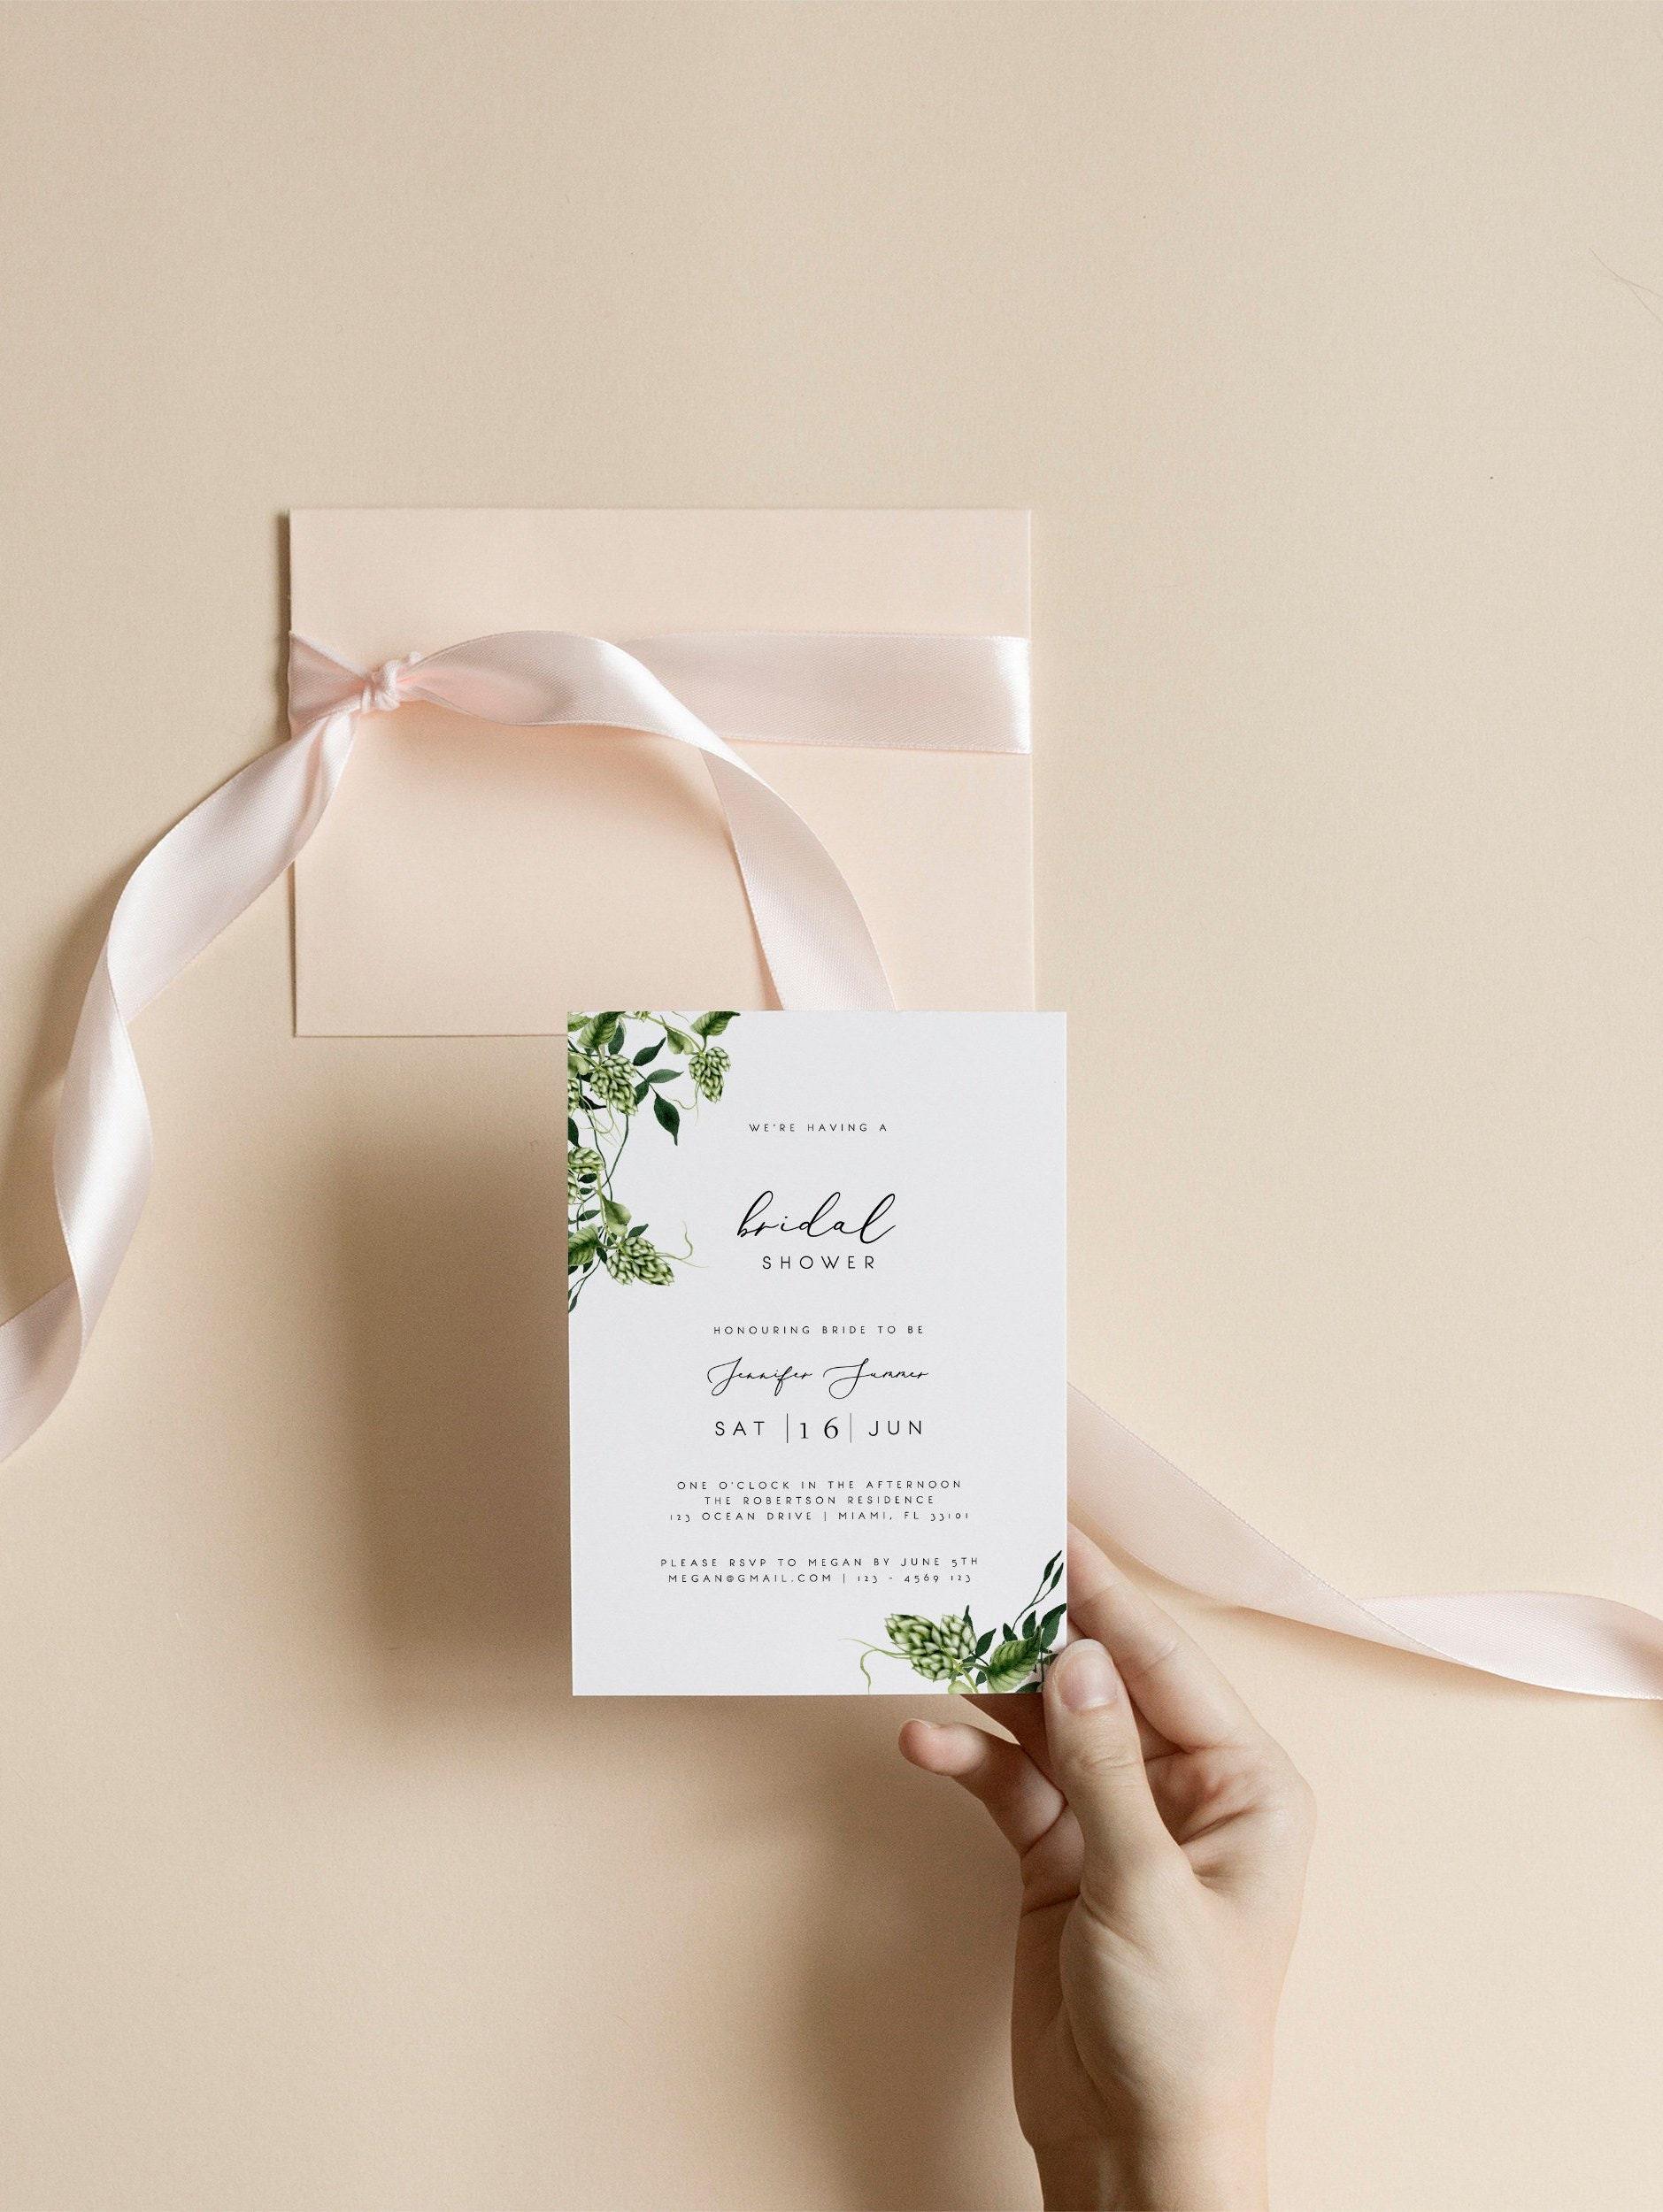 Bridal Shower Invitation Template Printable Wedding Shower Invite Editable  Beer Hops Botanical Leaves Boho Greenery Templett 02